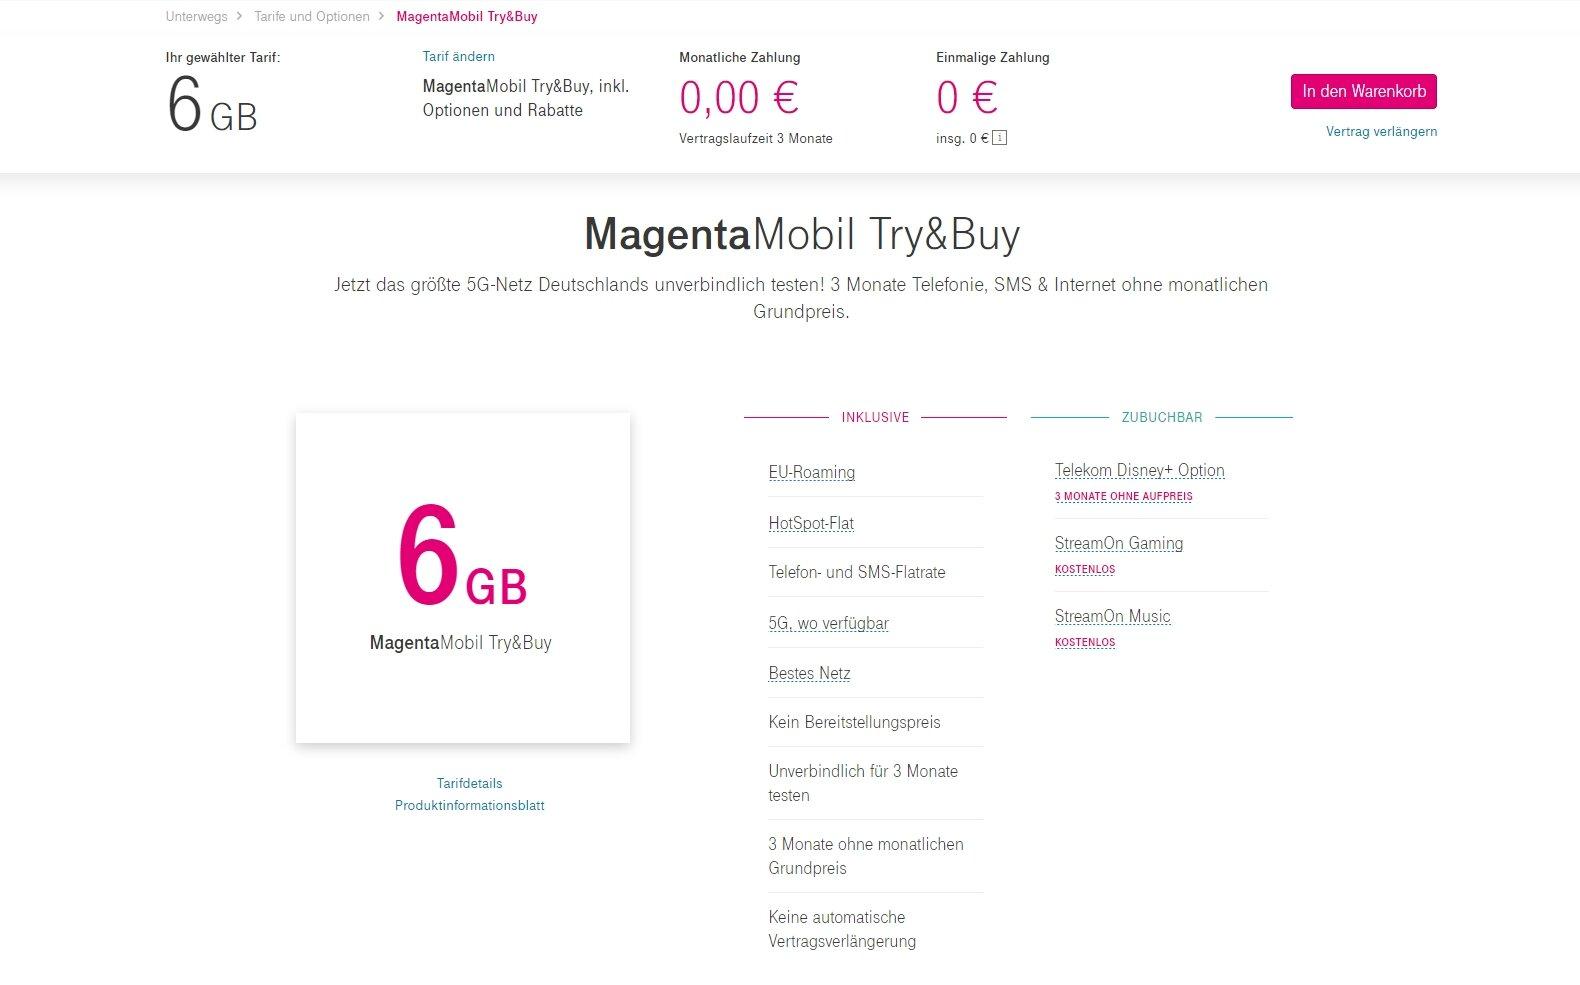 Angebot für MagentaMobil Try&Buy auf der Webseite